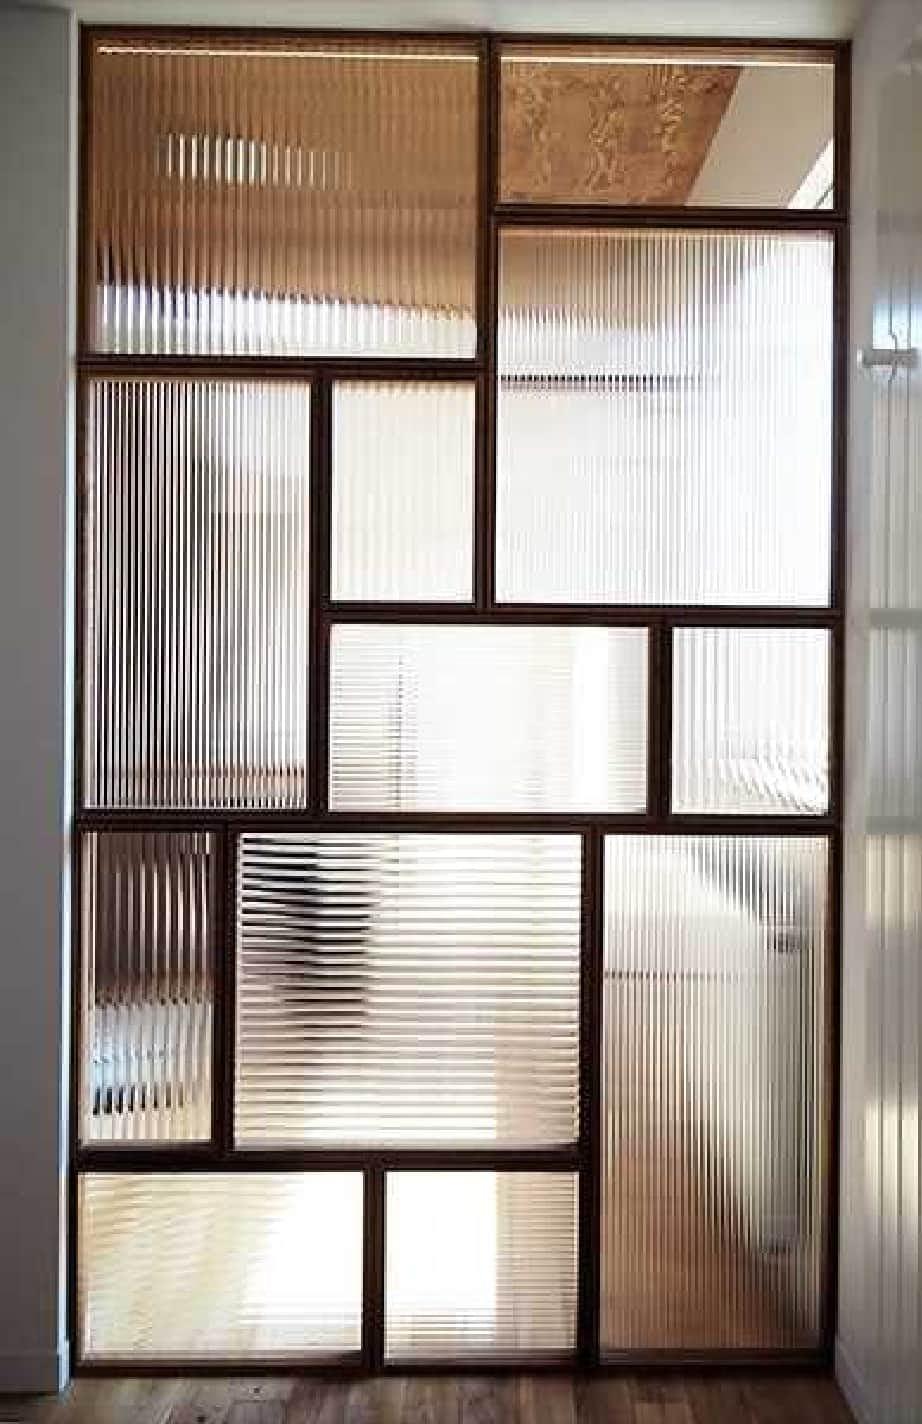 「モールガラス(12ミリ幅)」を店舗の間仕切りに使用した事例